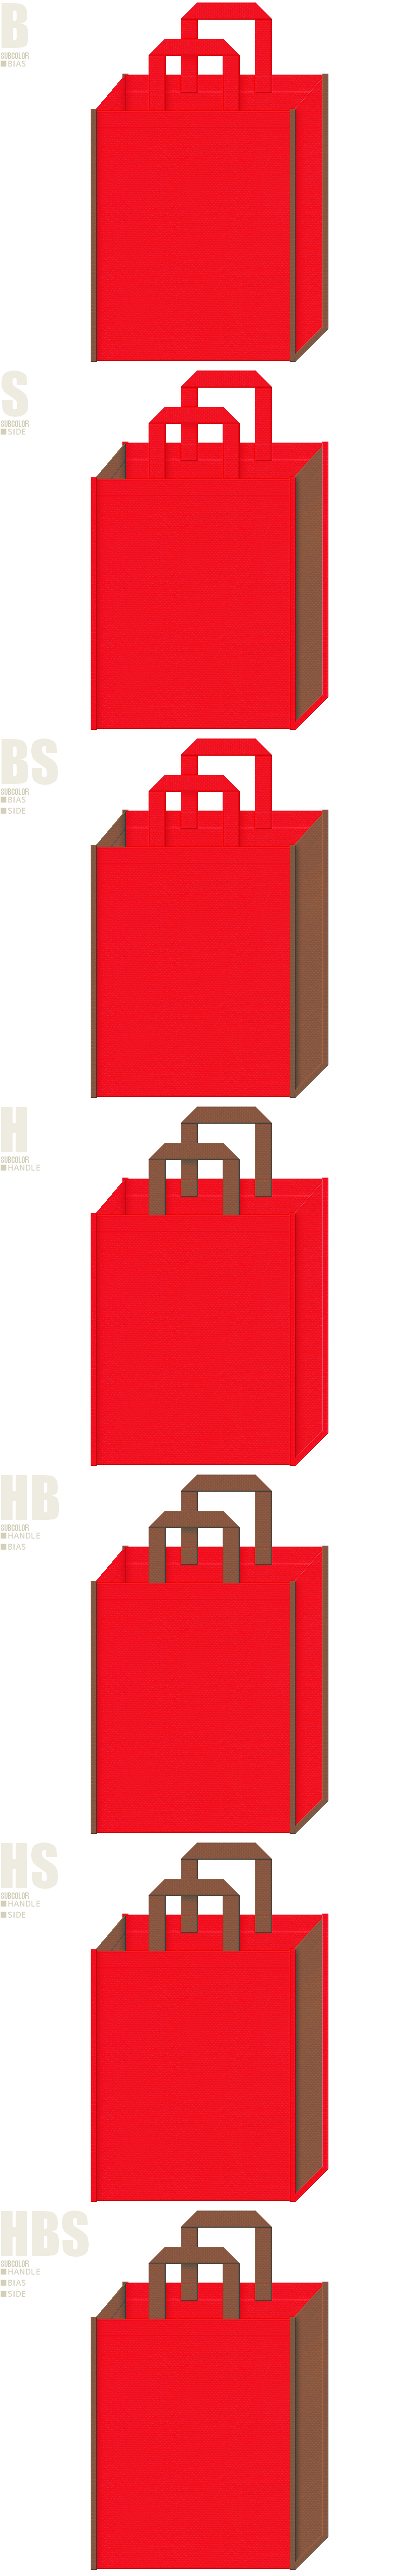 絵本・トナカイ・クリスマスのイベントにお奨めの不織布バッグデザイン:赤色と茶色の配色7パターン